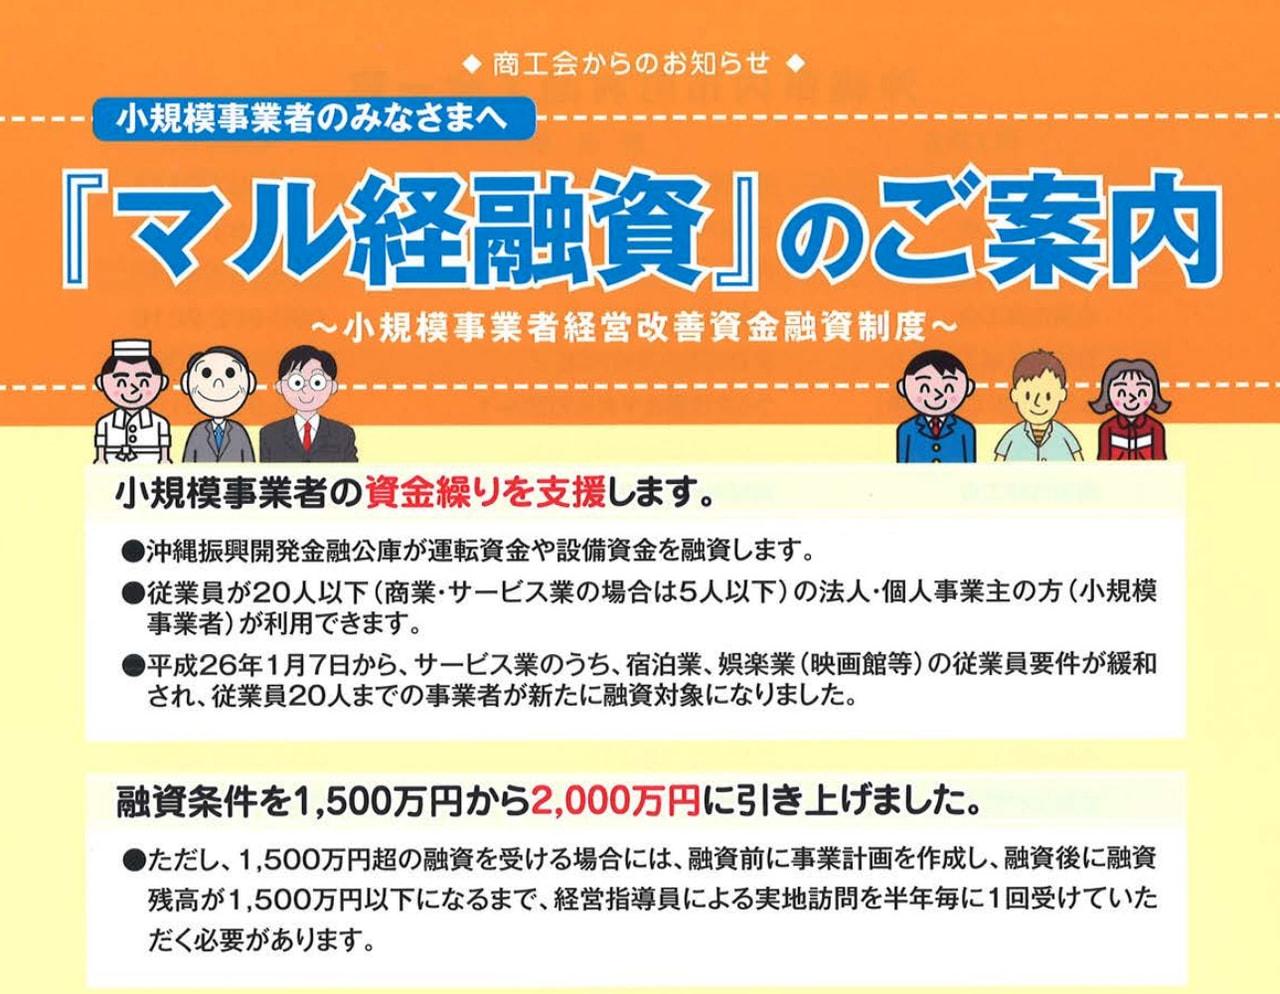 小規模事業者経営改善資金(マル経資金)